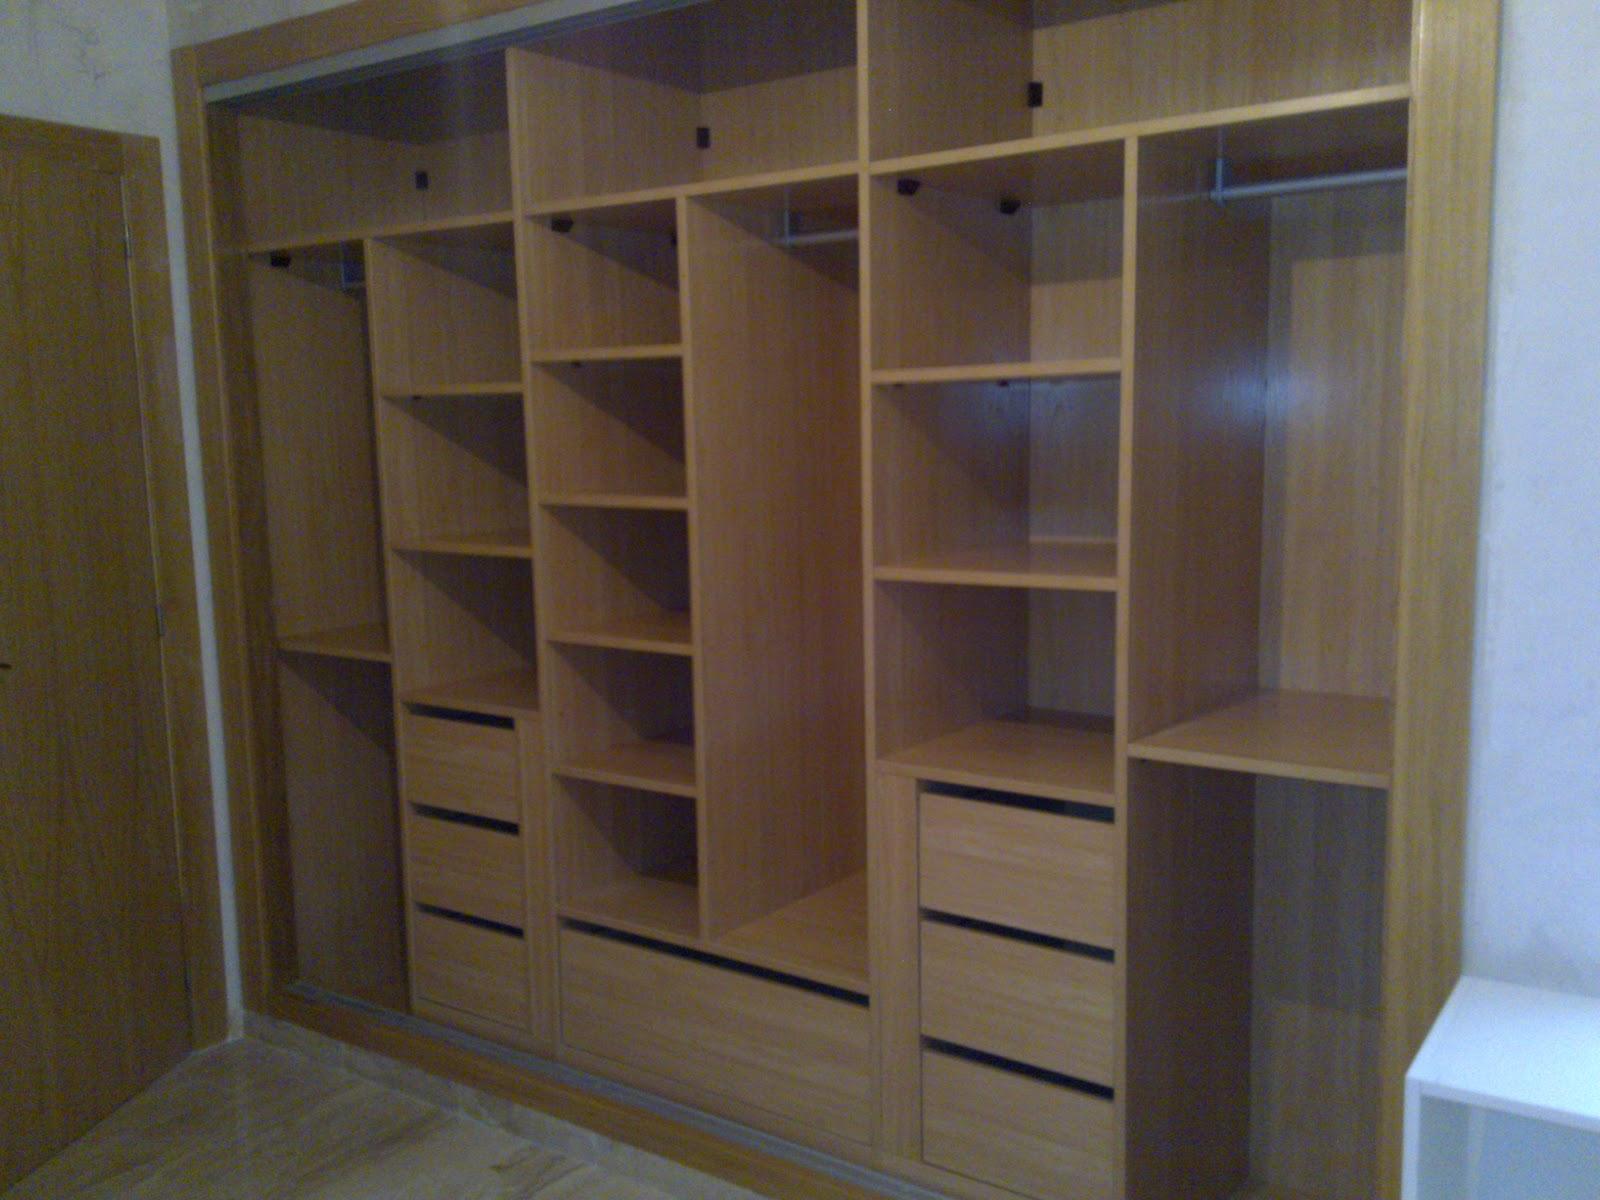 Montadores y carpinteros armarios empotrados a medida - Montaje armario empotrado ...